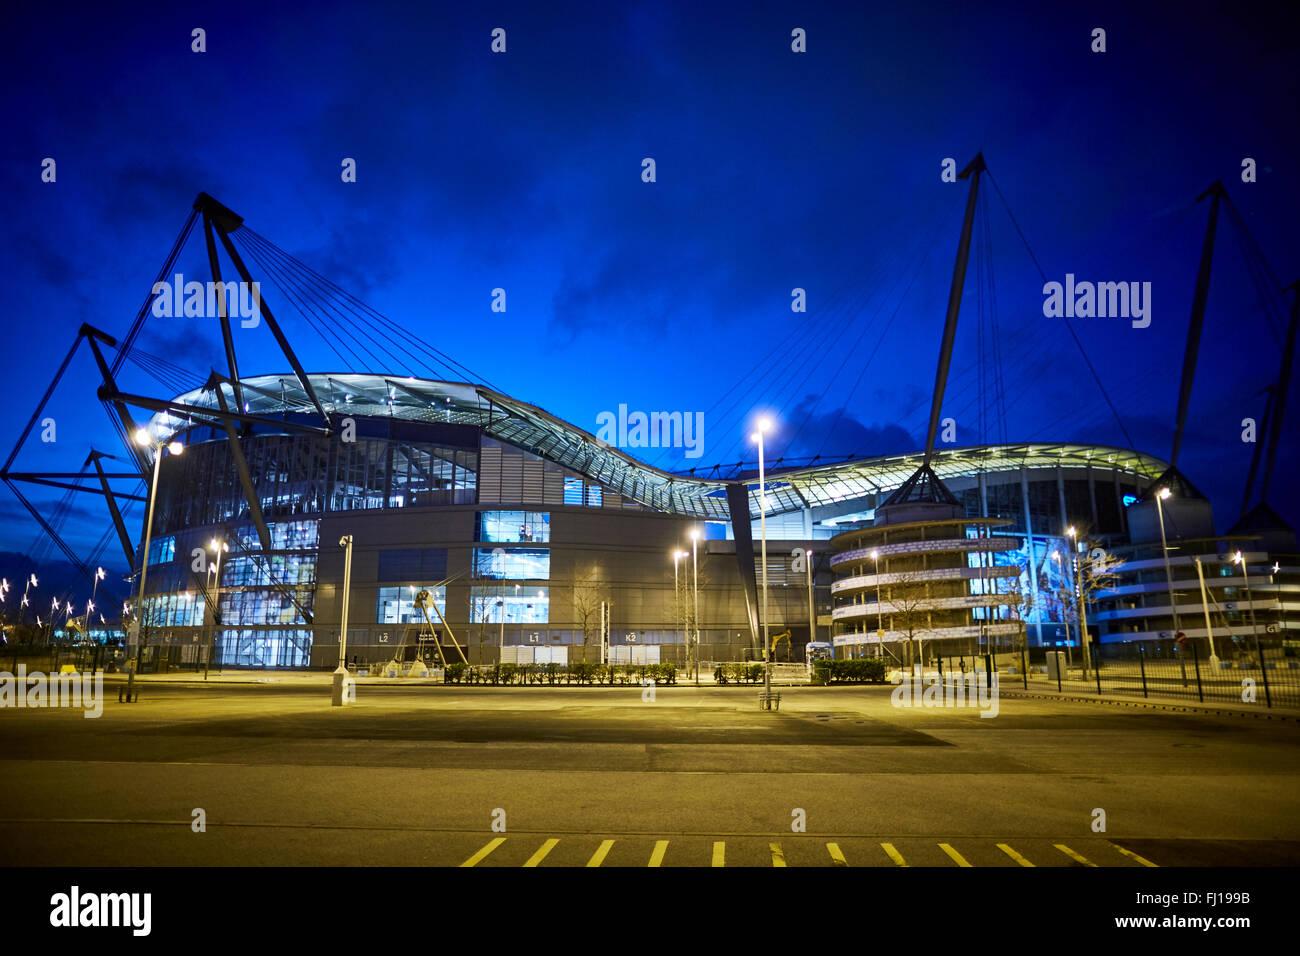 El City of Manchester Stadium de Manchester, Inglaterra, también conocido como Etihad Stadium por motivos de Imagen De Stock